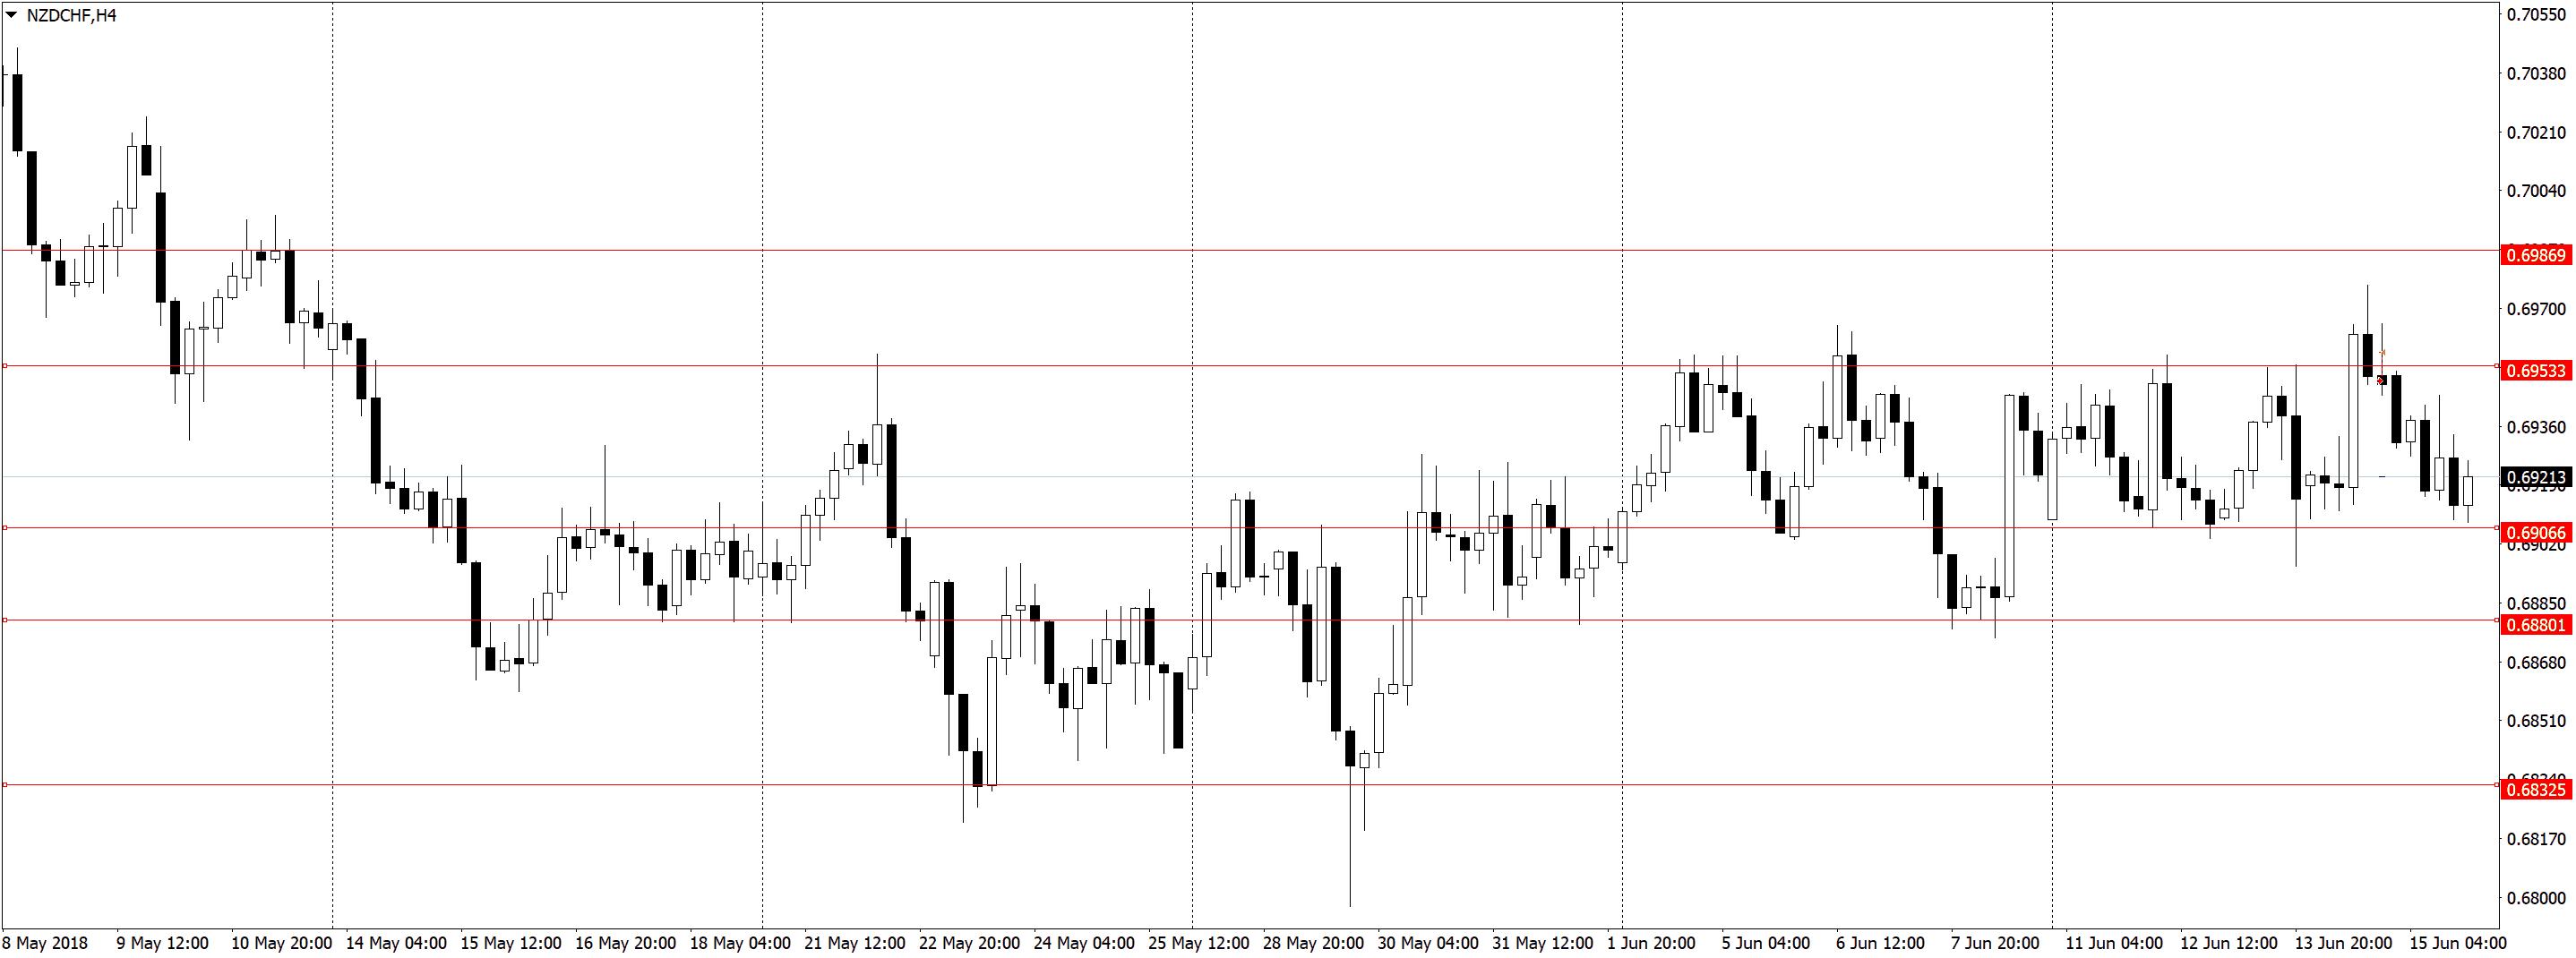 NZDCHFH4 2 1 Усталость от трейдинга, торговля акций, переторговка